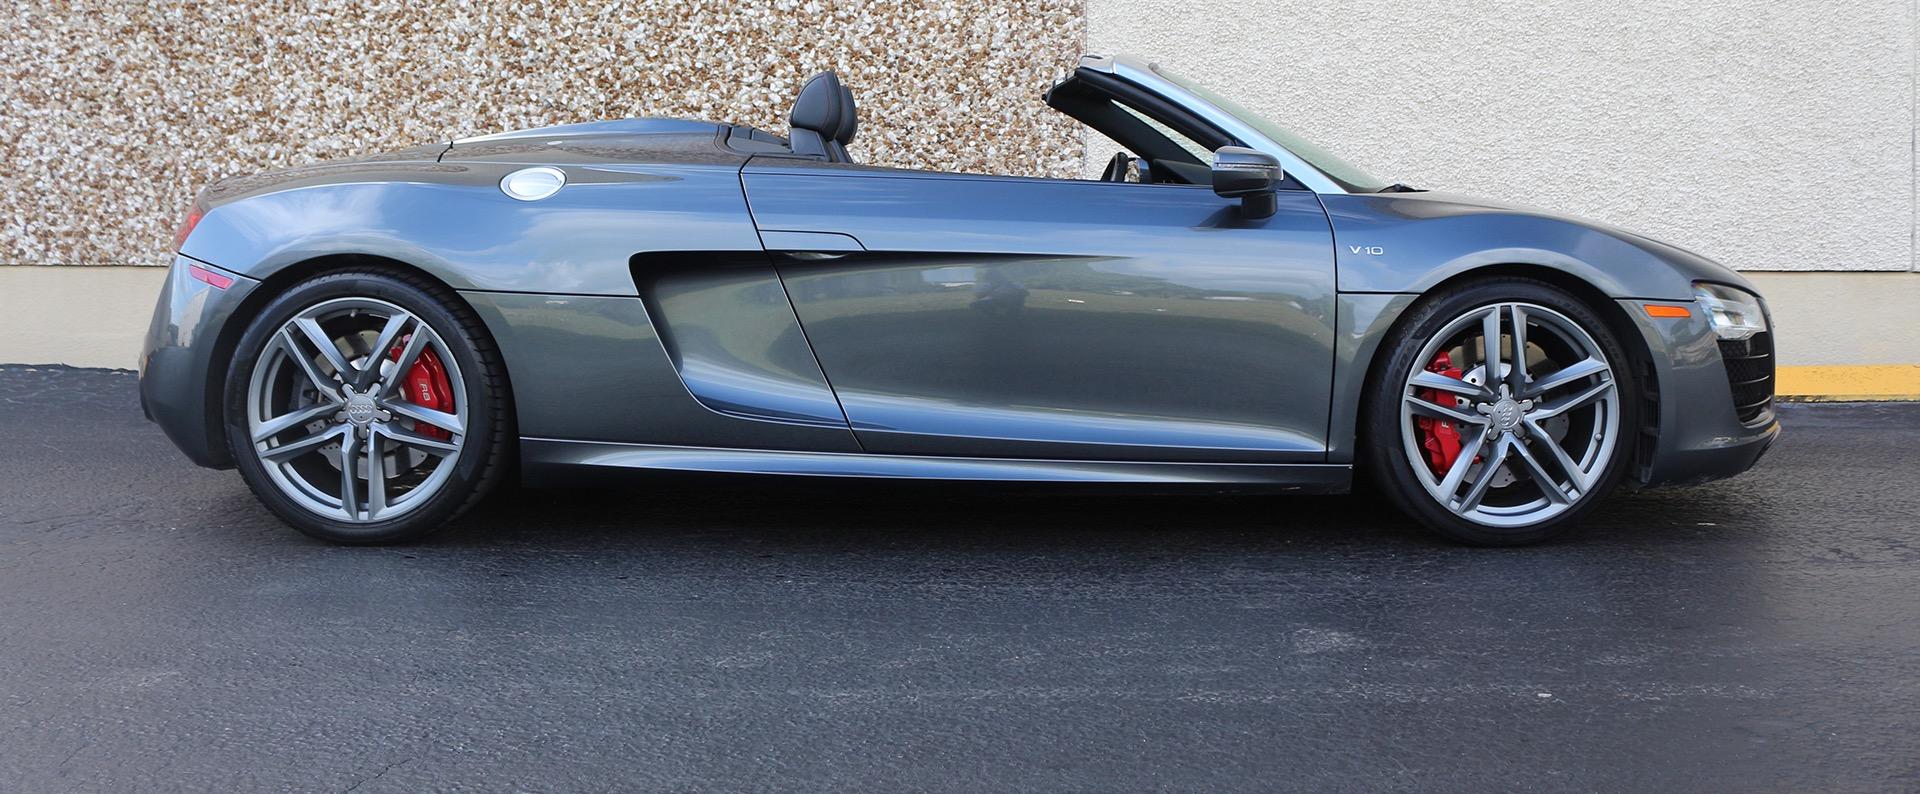 Used 2015 Audi R8 5.2 quattro Carbon Spyder | Miami, FL